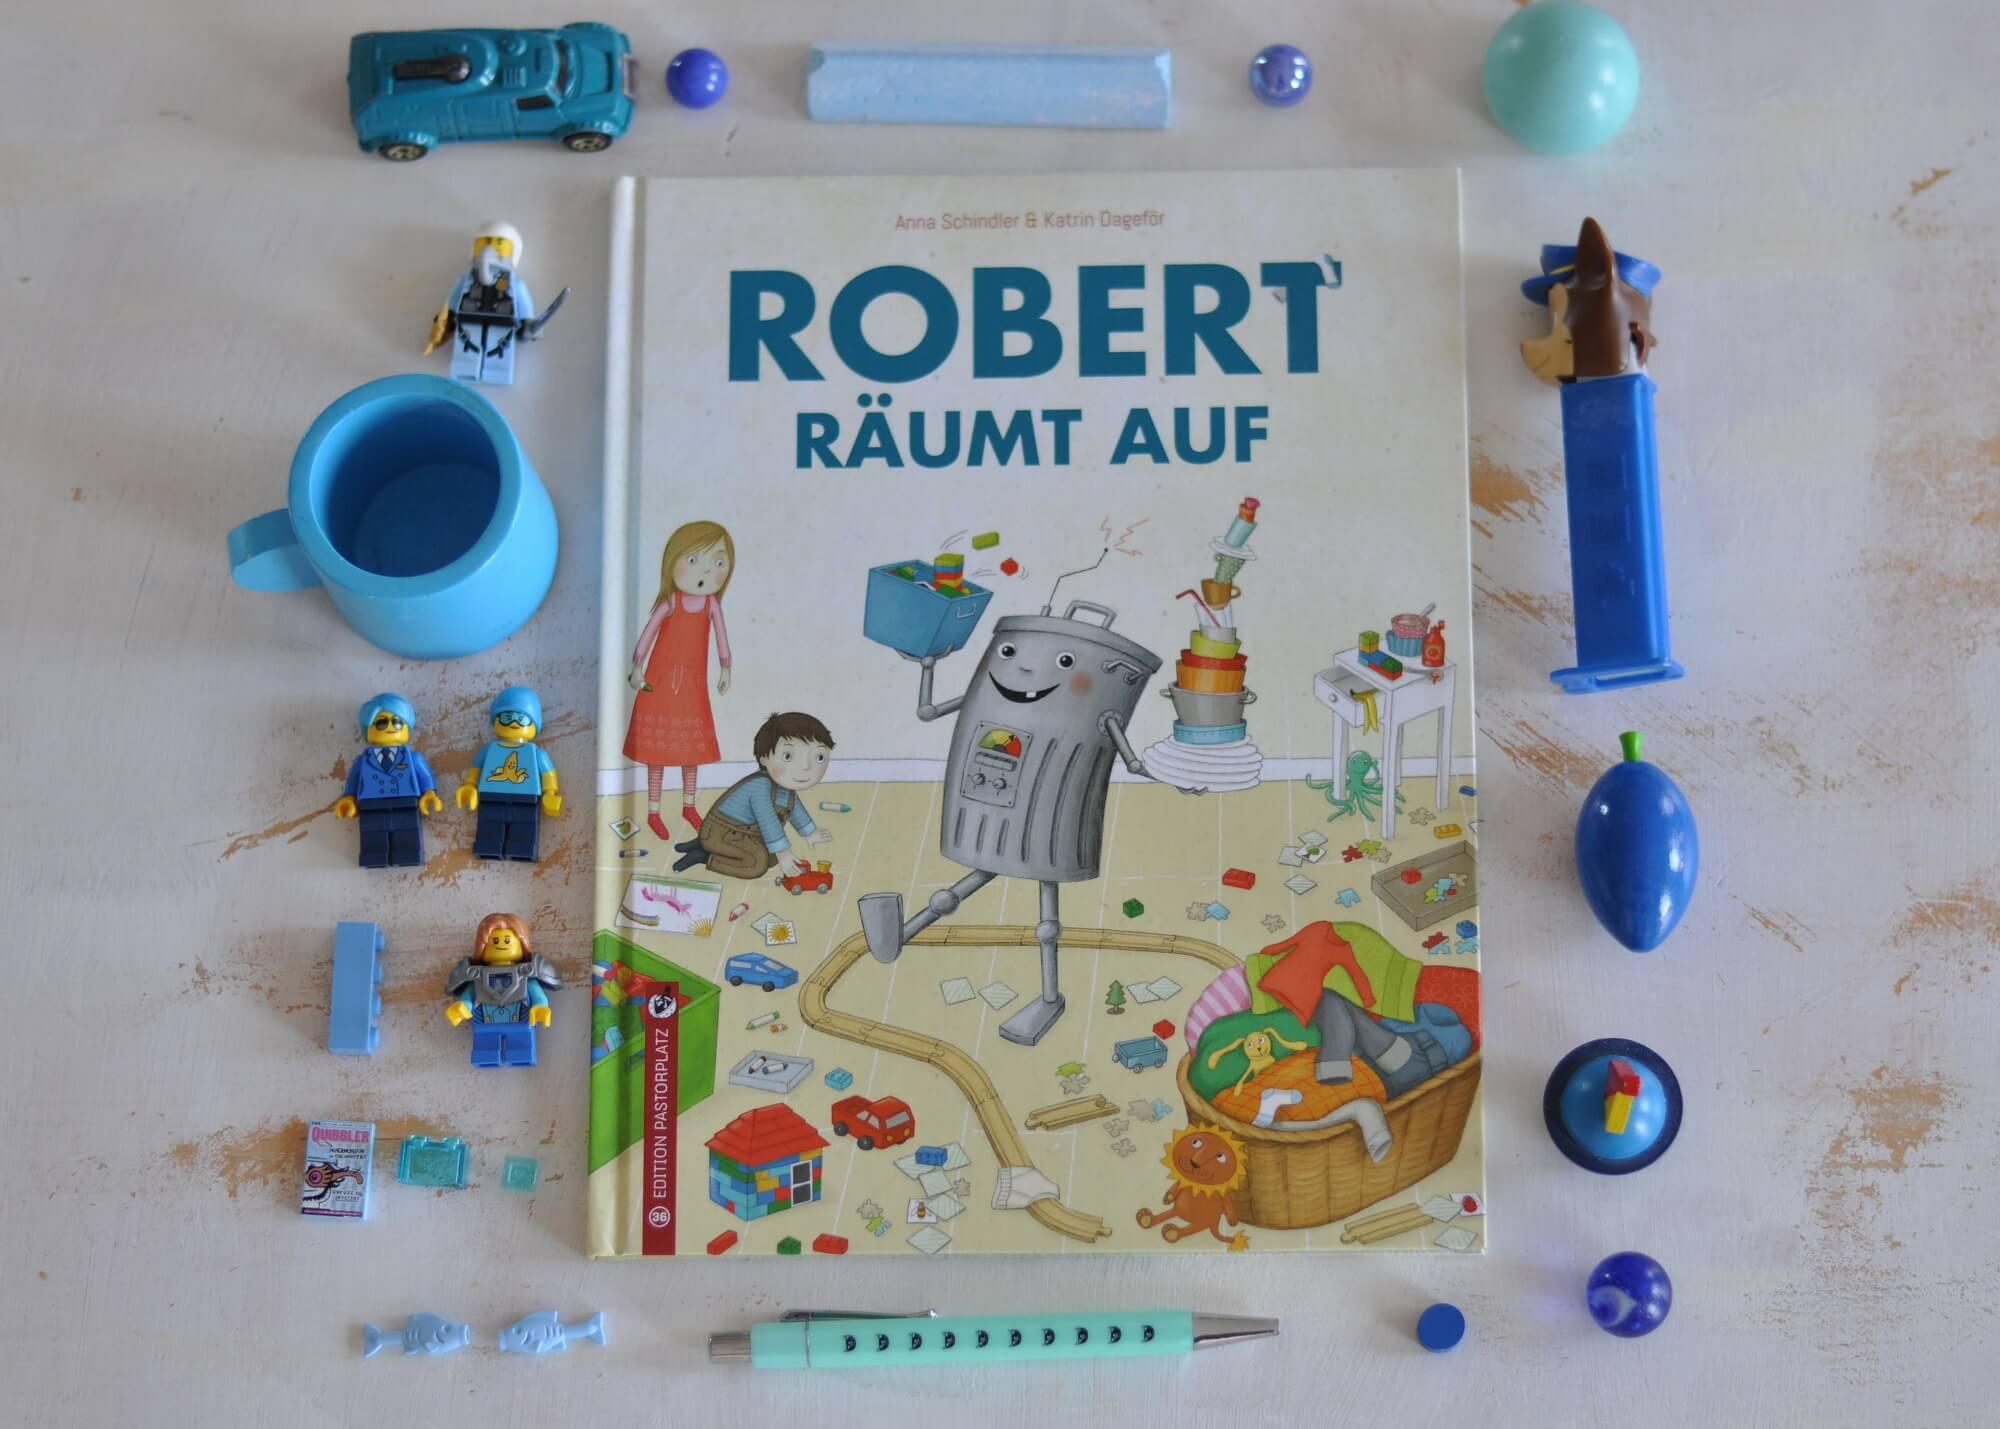 Aufräumen ist doof. Doch eines Tages steht Robert vor der Tür. Robert der Roboter, der ein bisschen wie eine Mülltonne mit Schirmchen ausschaut. Er räumt das Kinderzimmer auf, spült das Geschirr und putzt das Klo. #aufräumen #robert #roboter #ordnung #wohnung #kinder #bilder #buch #lesen